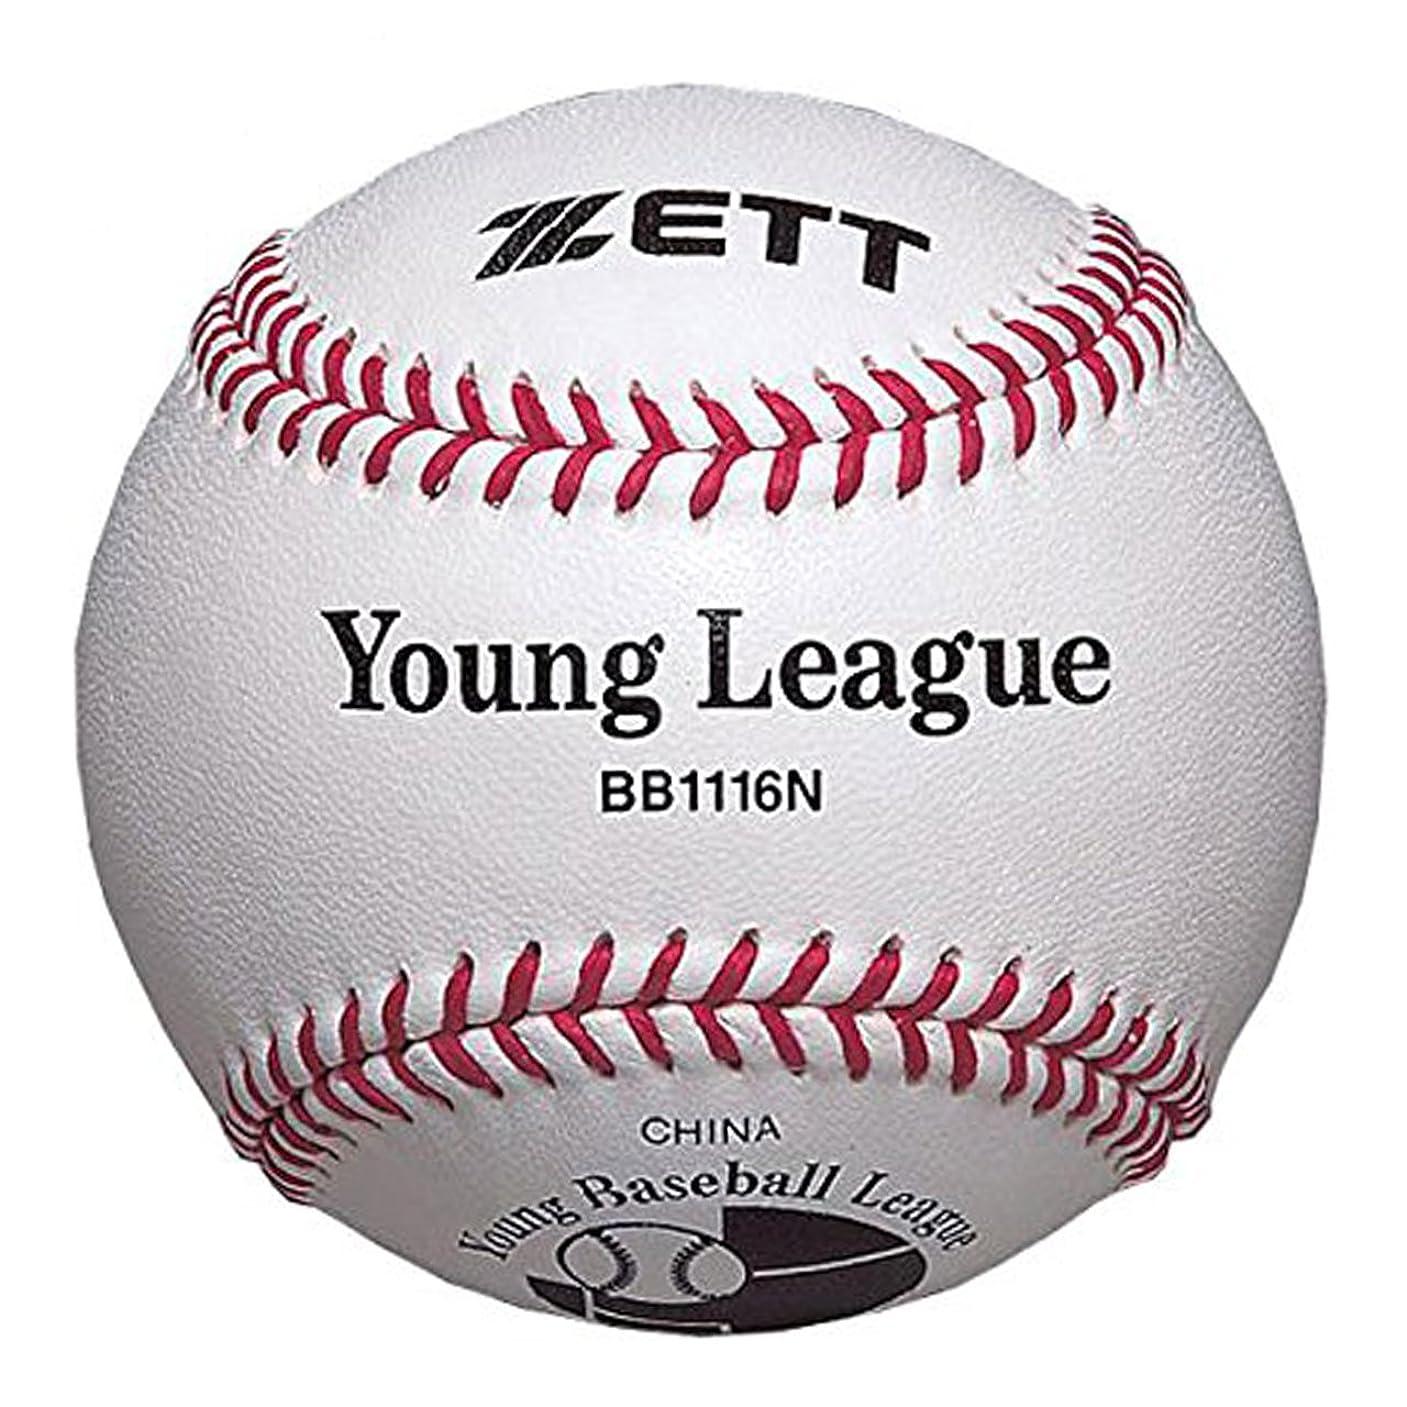 形式王位彼らゼット(ZETT) 硬式少年用ボール(ヤングリーグ指定試合球)1ダース BB1116N